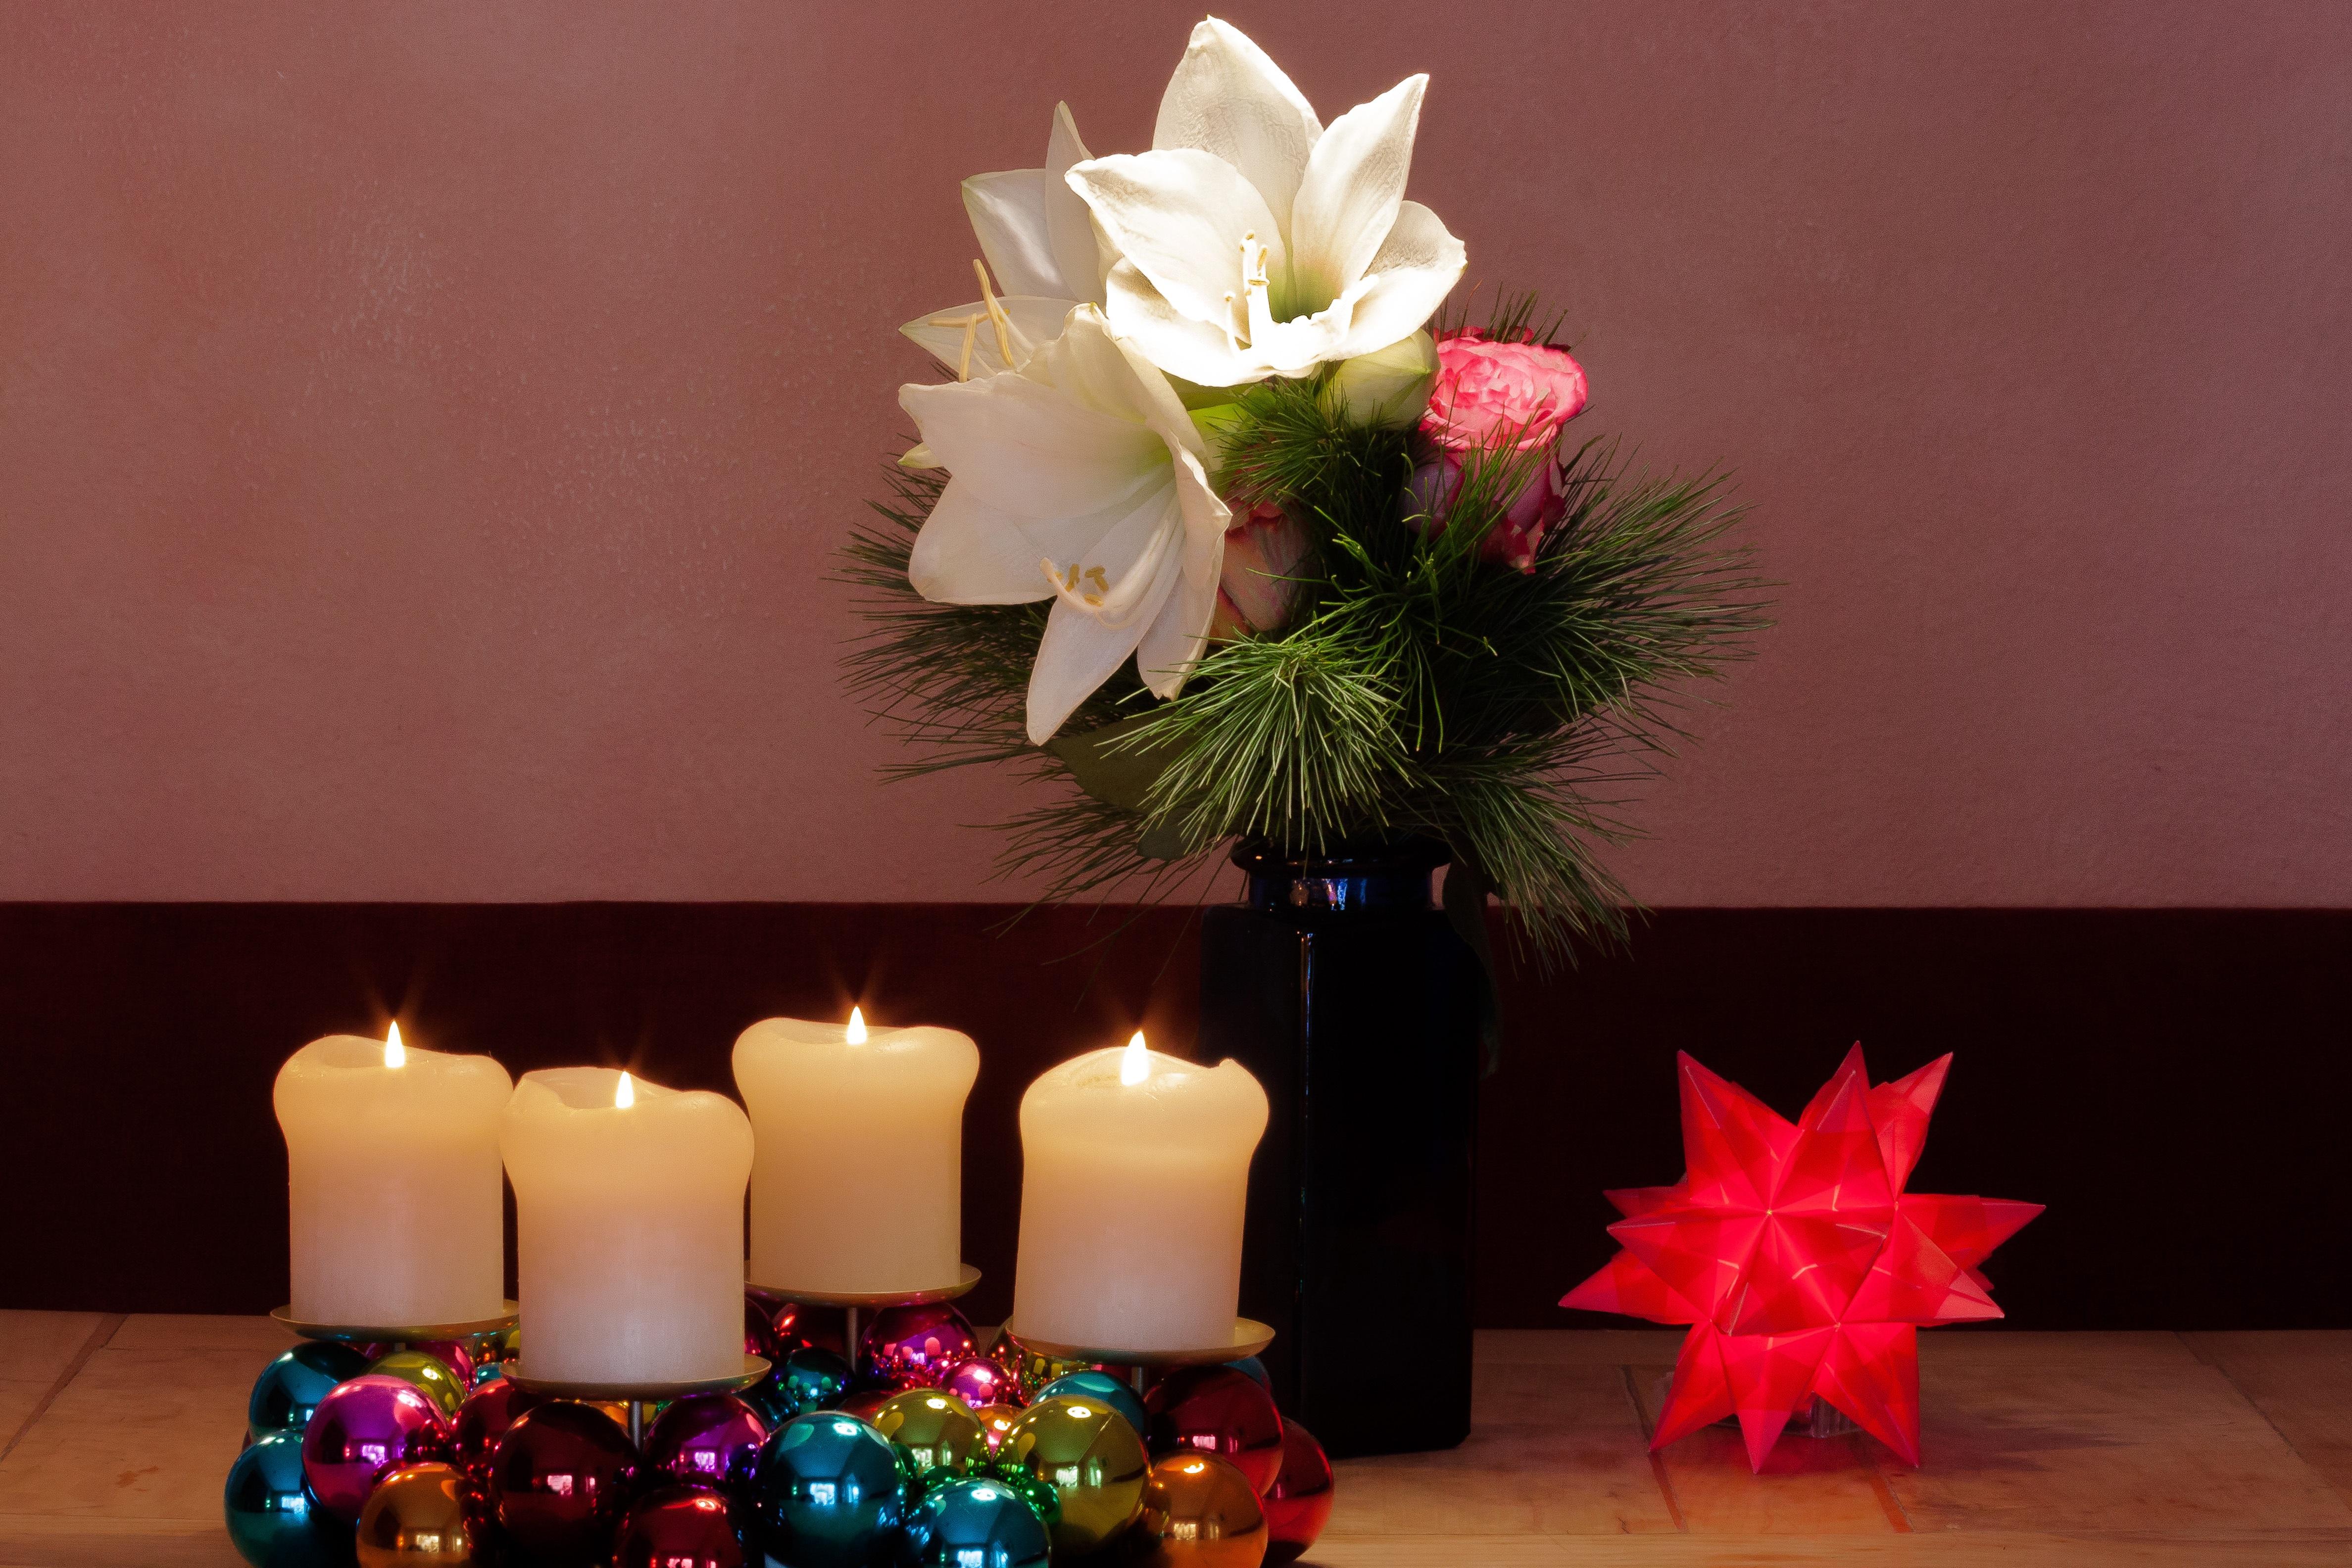 Adventskranz Bilder Kostenlos kostenlose foto licht pflanze weiß blume blütenblatt rot